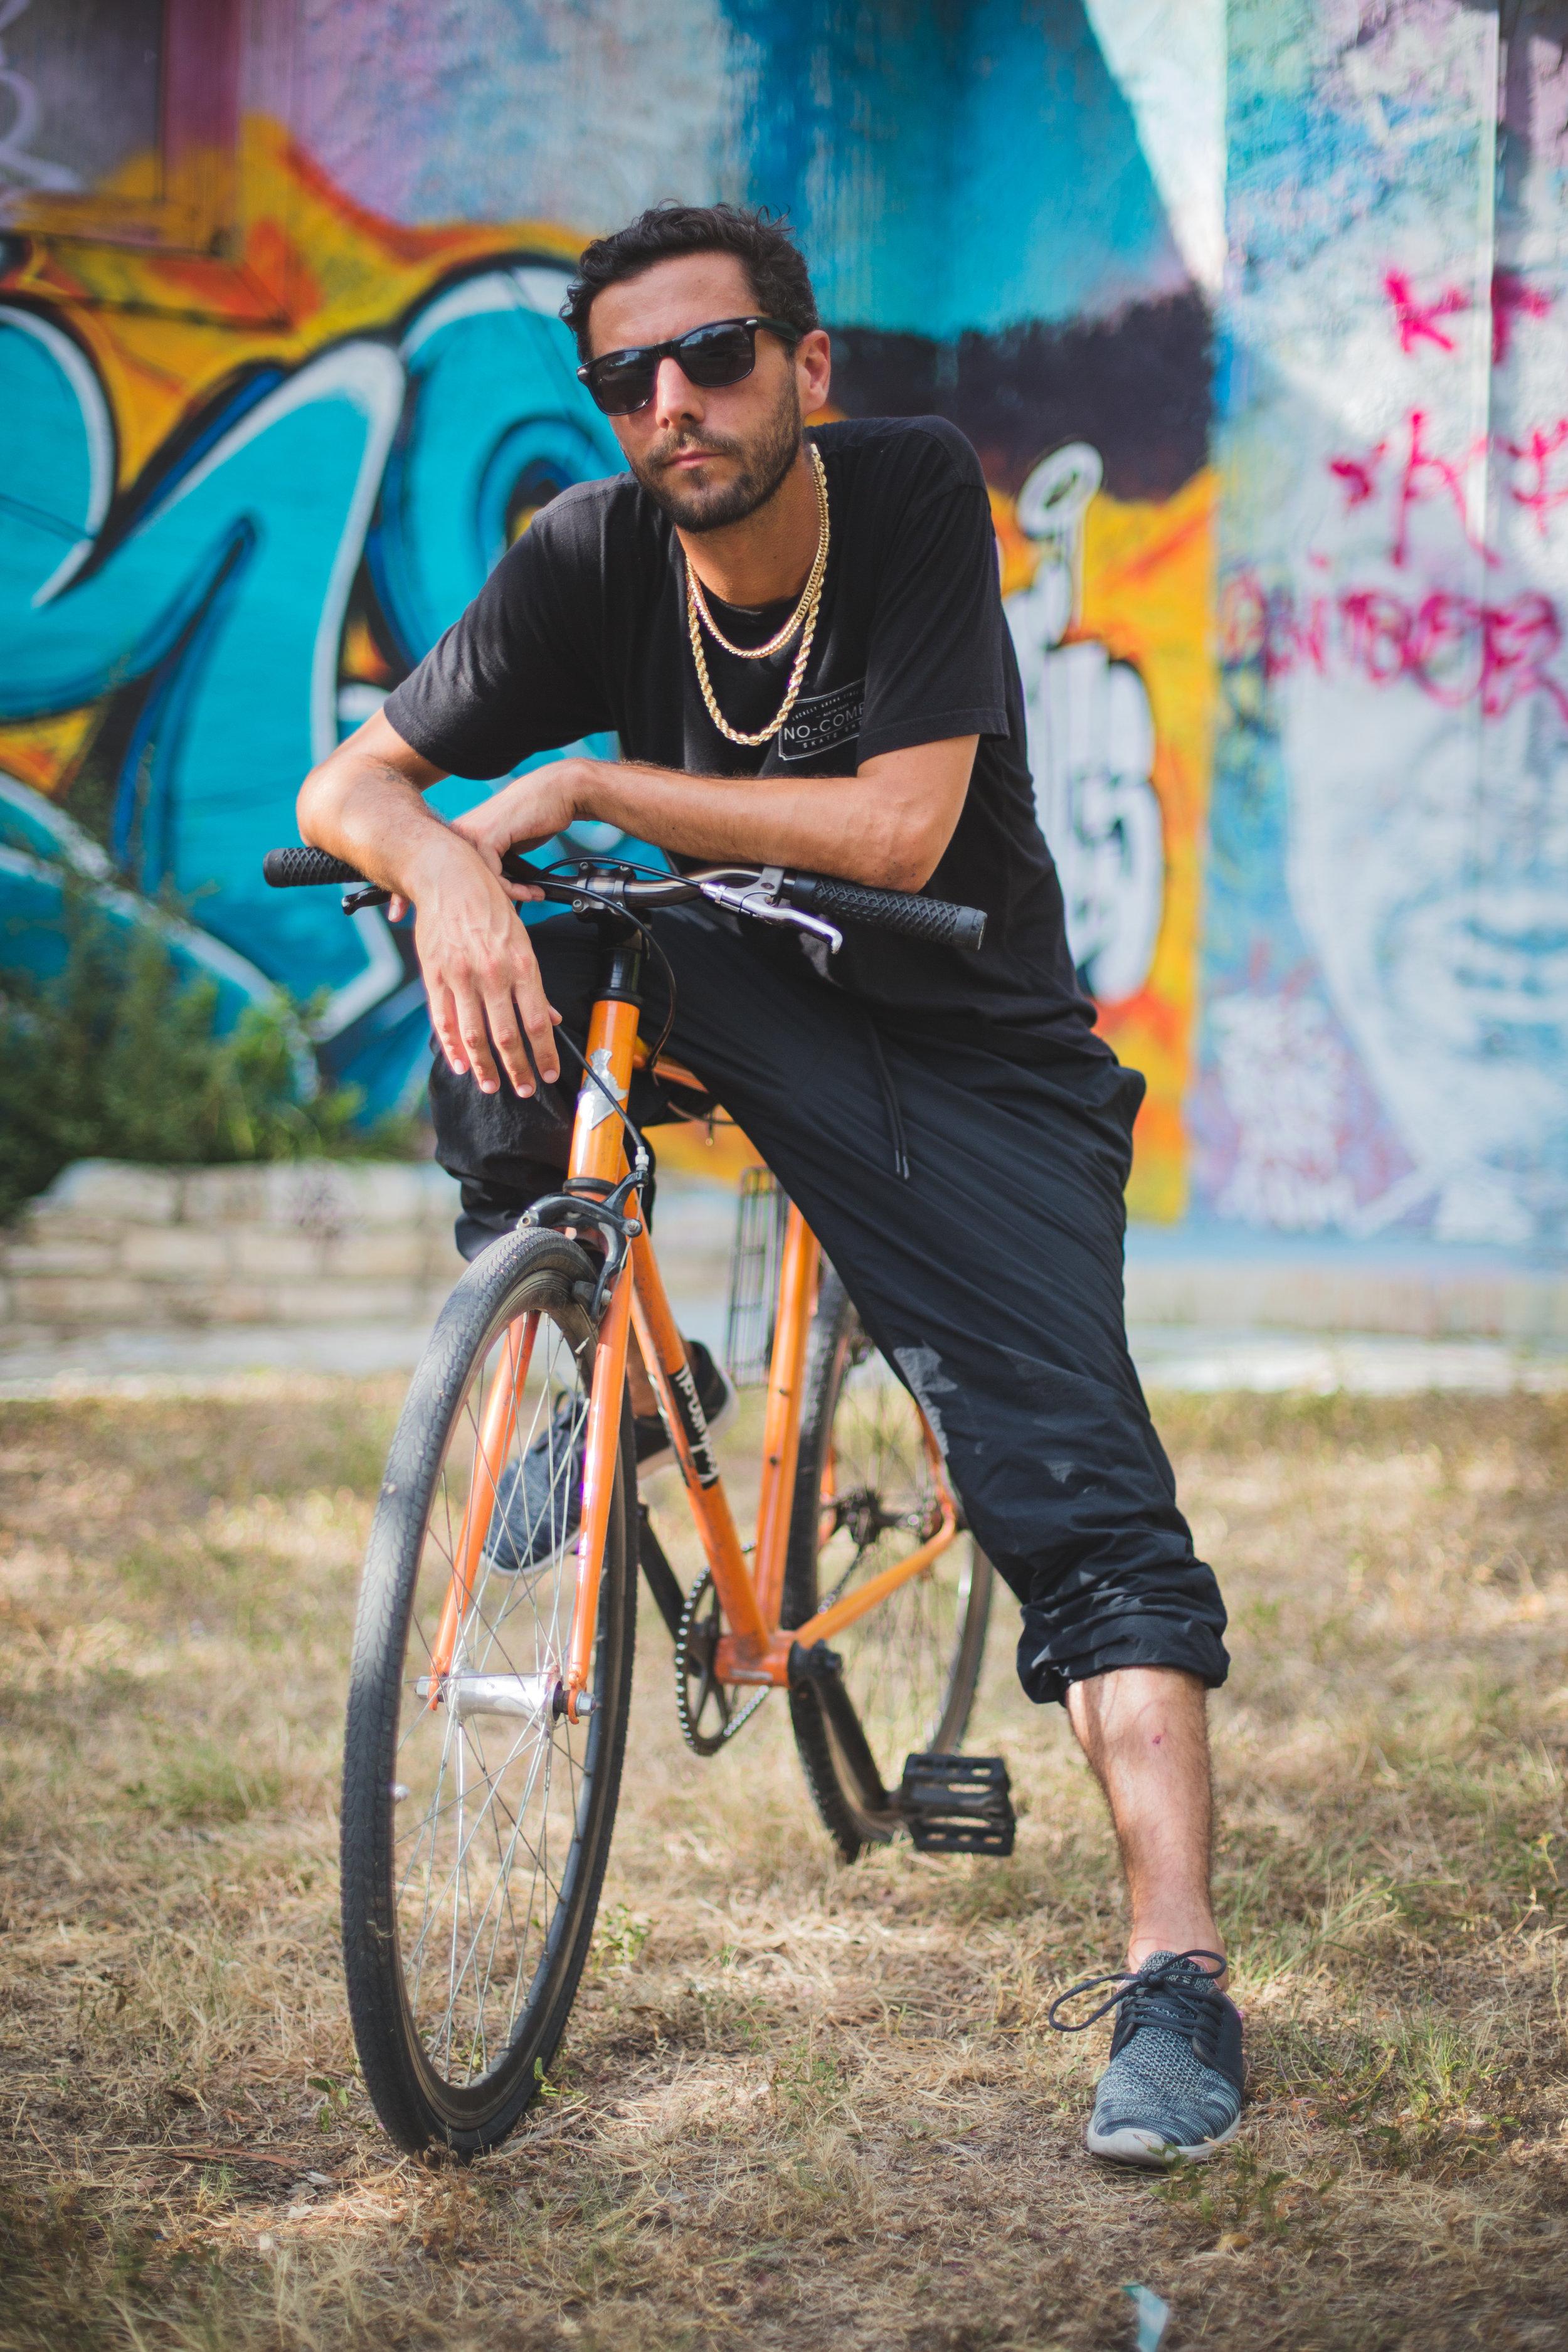 Drew Pickell on his bike-4428.jpg